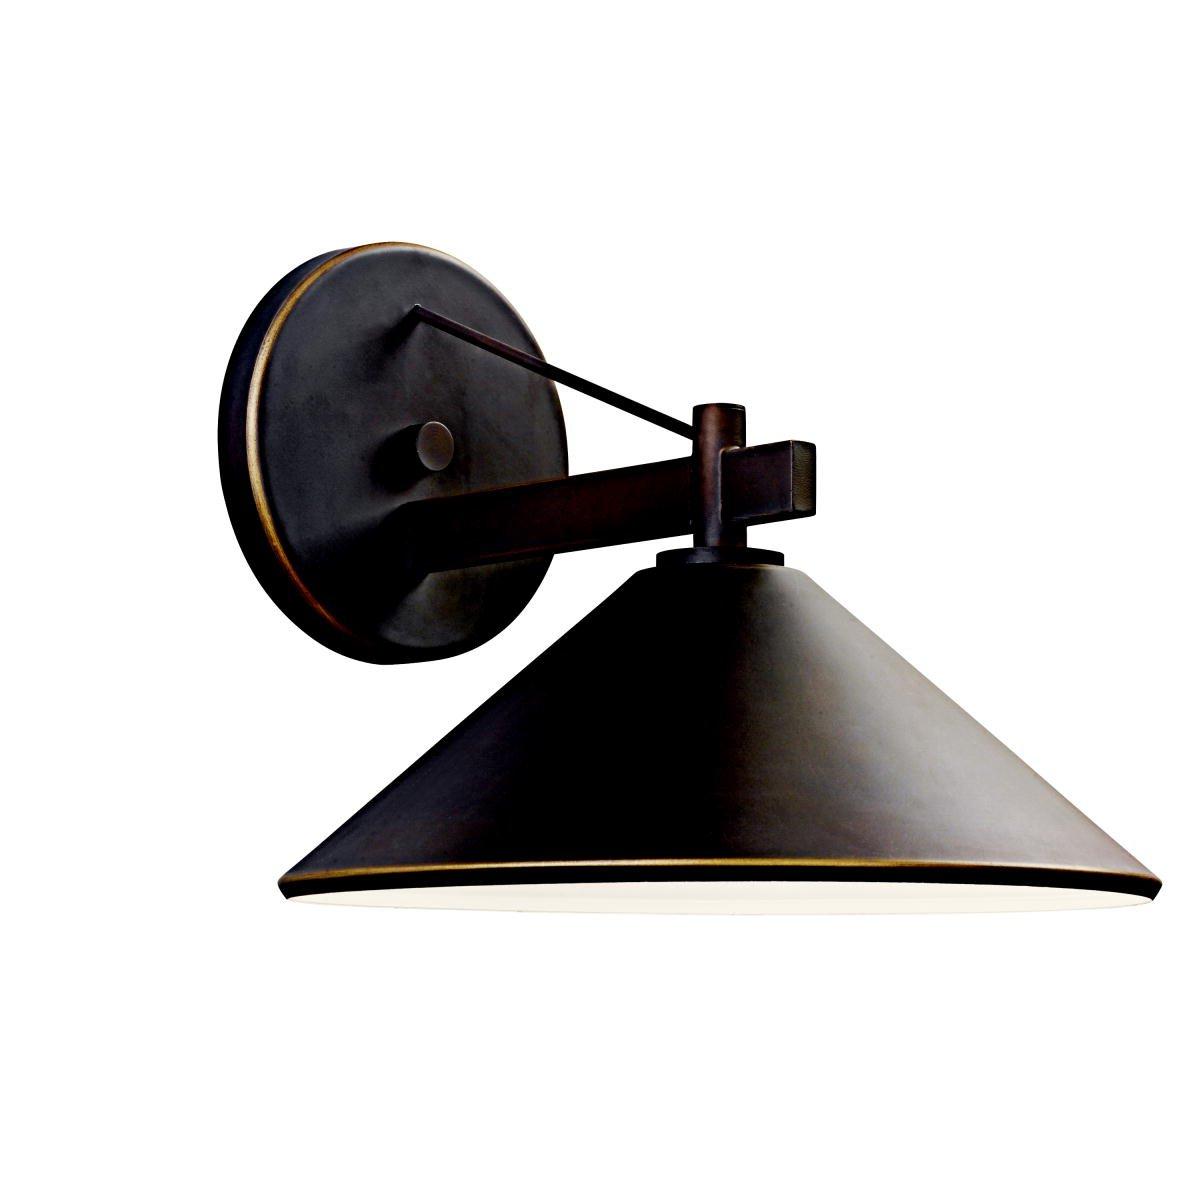 Kichler 49061OZ One Light Indoor/Outdoor Wall Mount